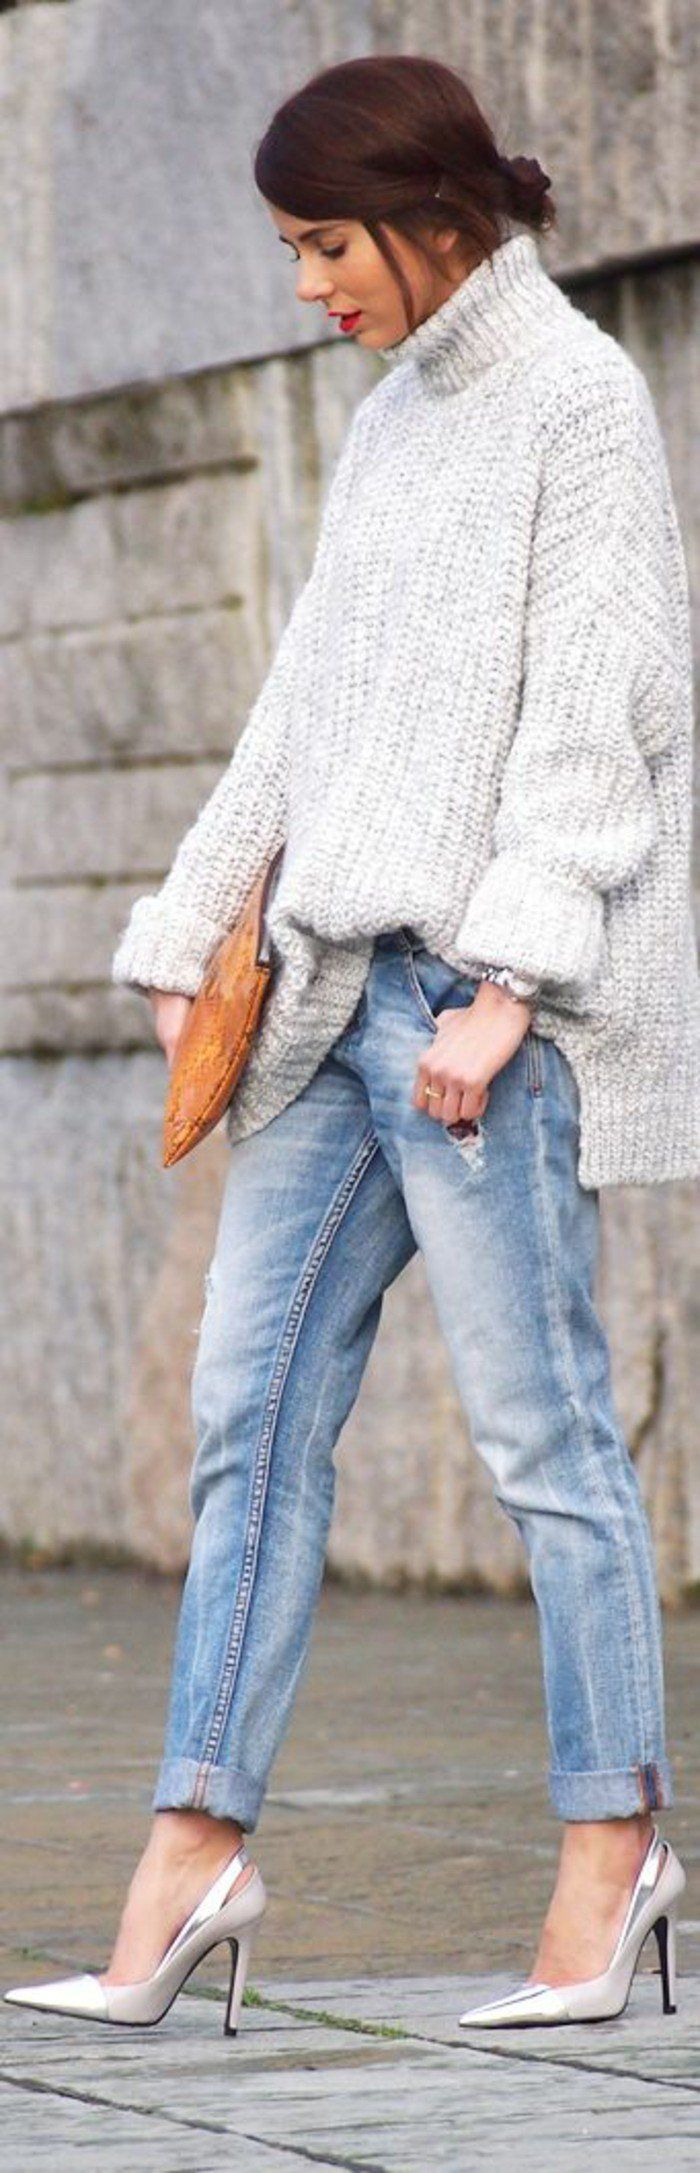 on ose les escarpins avec cette tenue stylé, pull grosse maille en gris et jean délavé